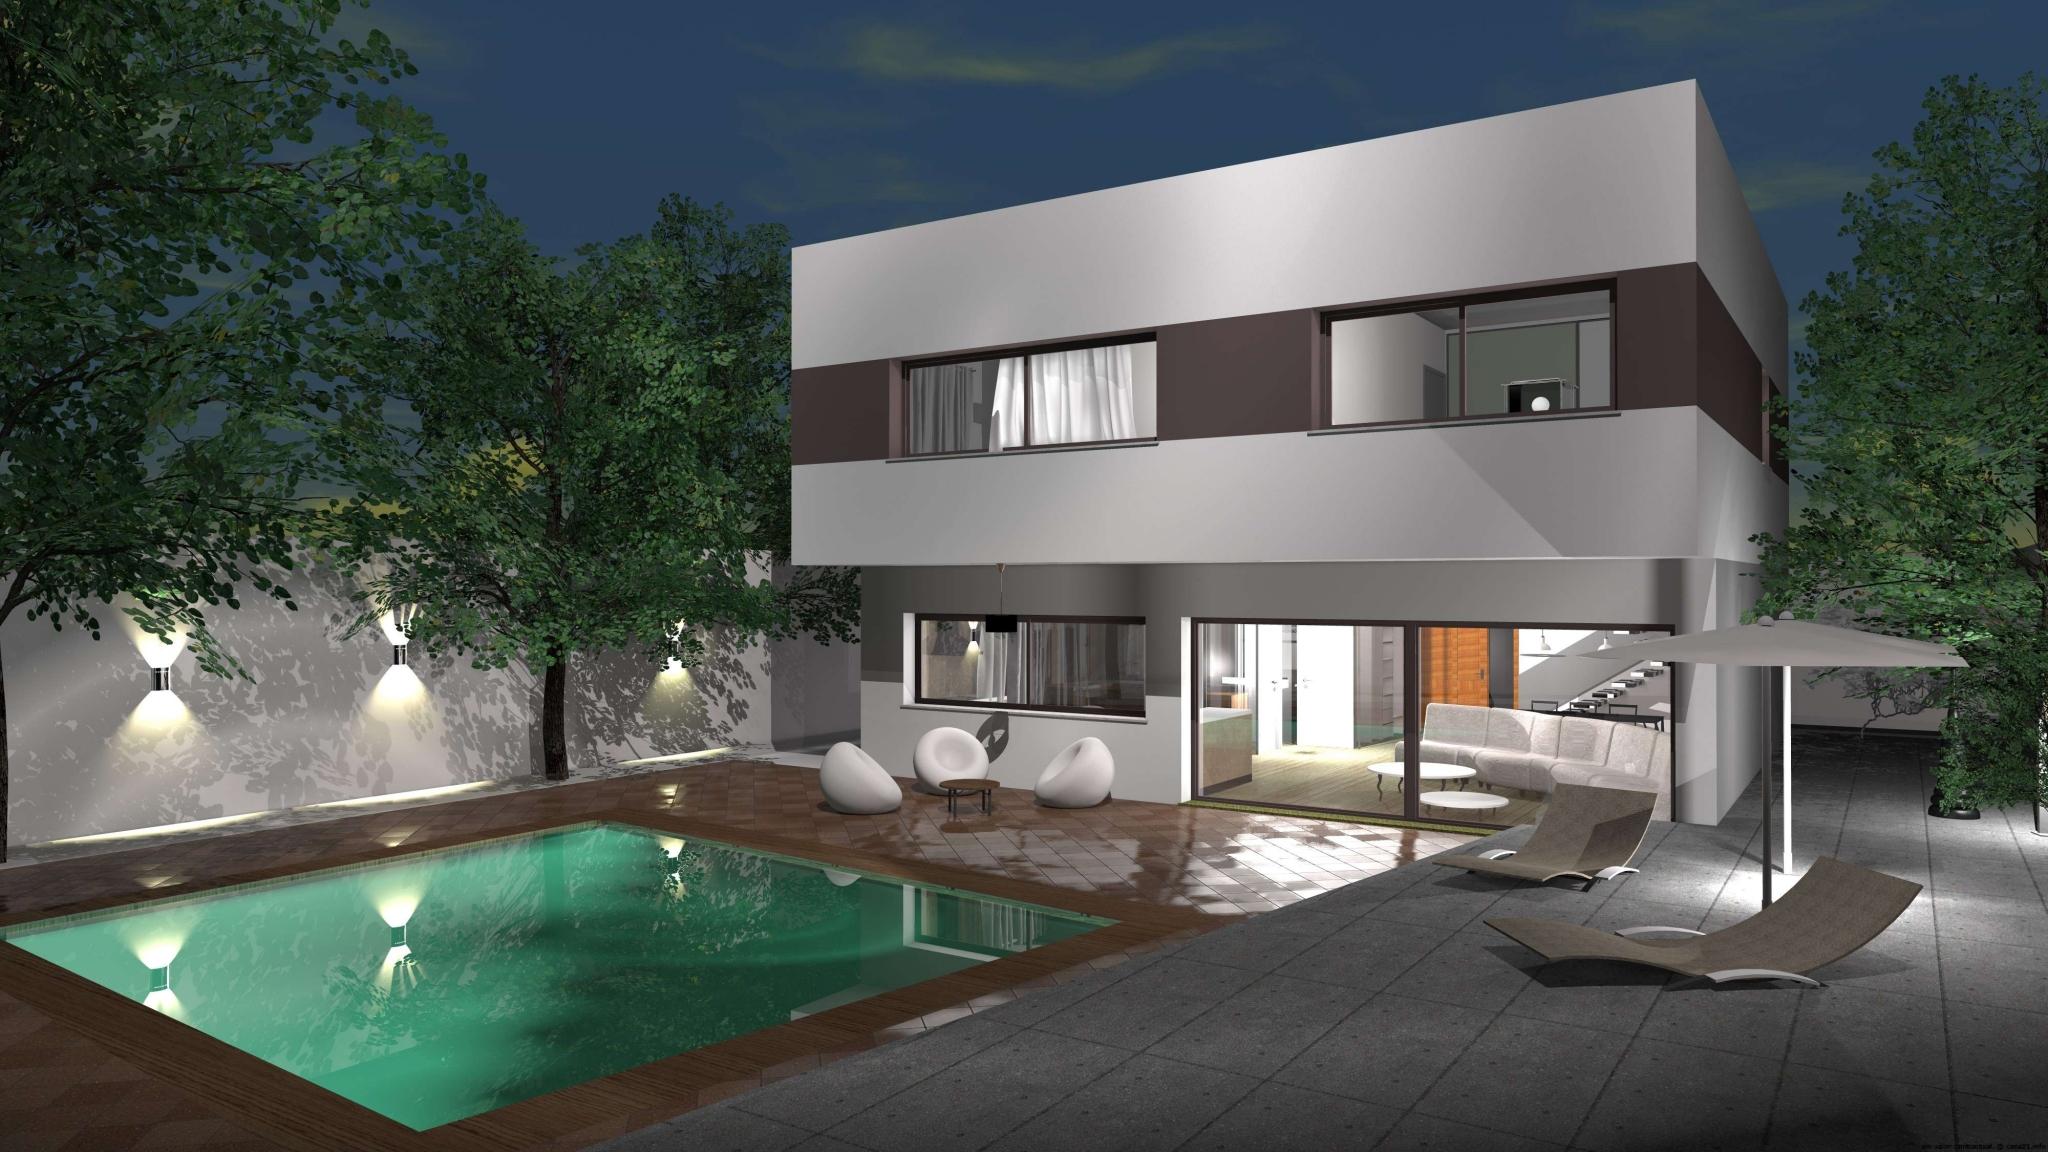 Casa de dise o minimalista for Zapateros de diseno minimalista